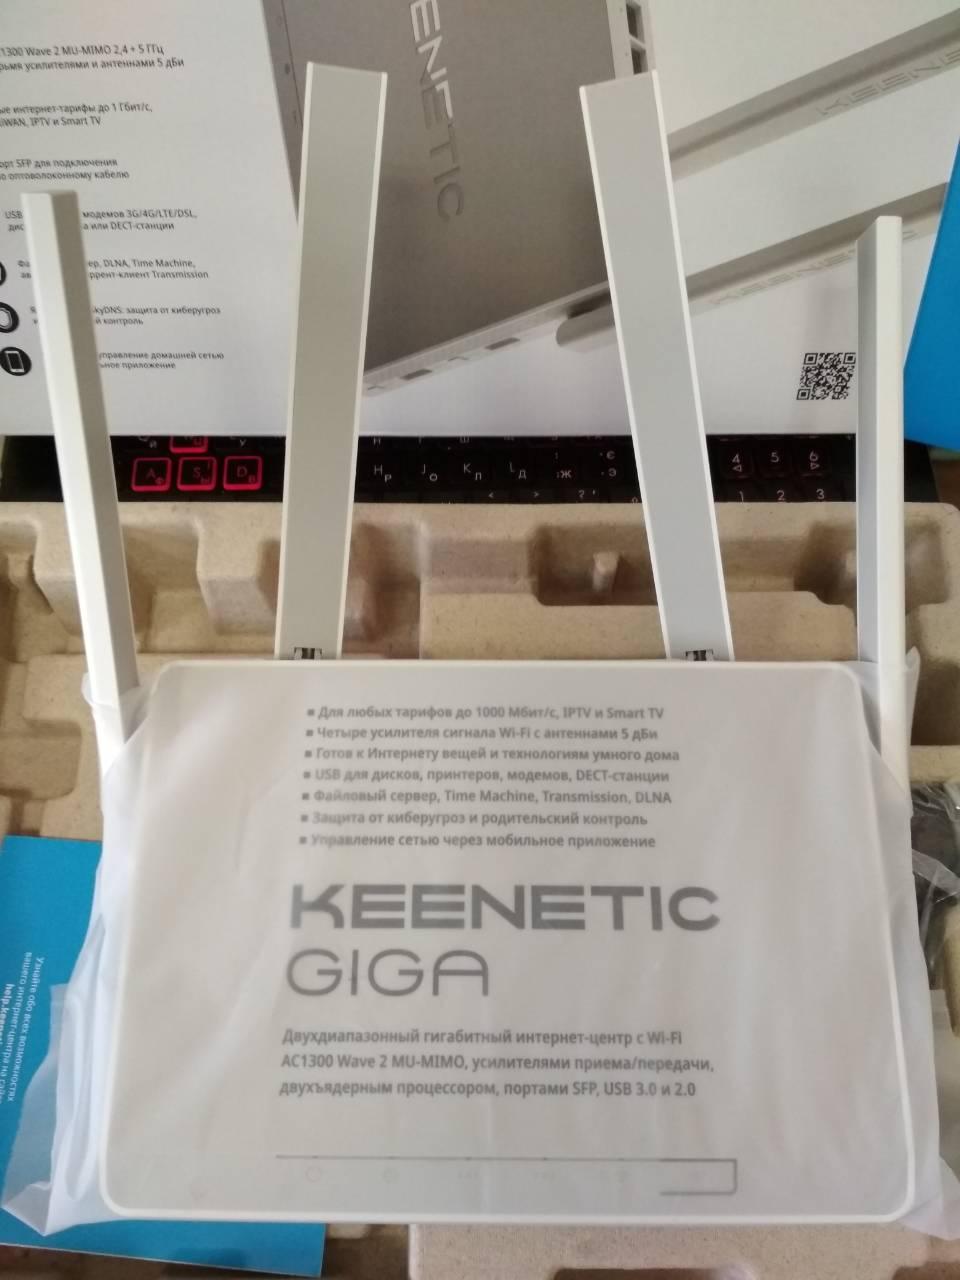 Keenetic Giga характеристики